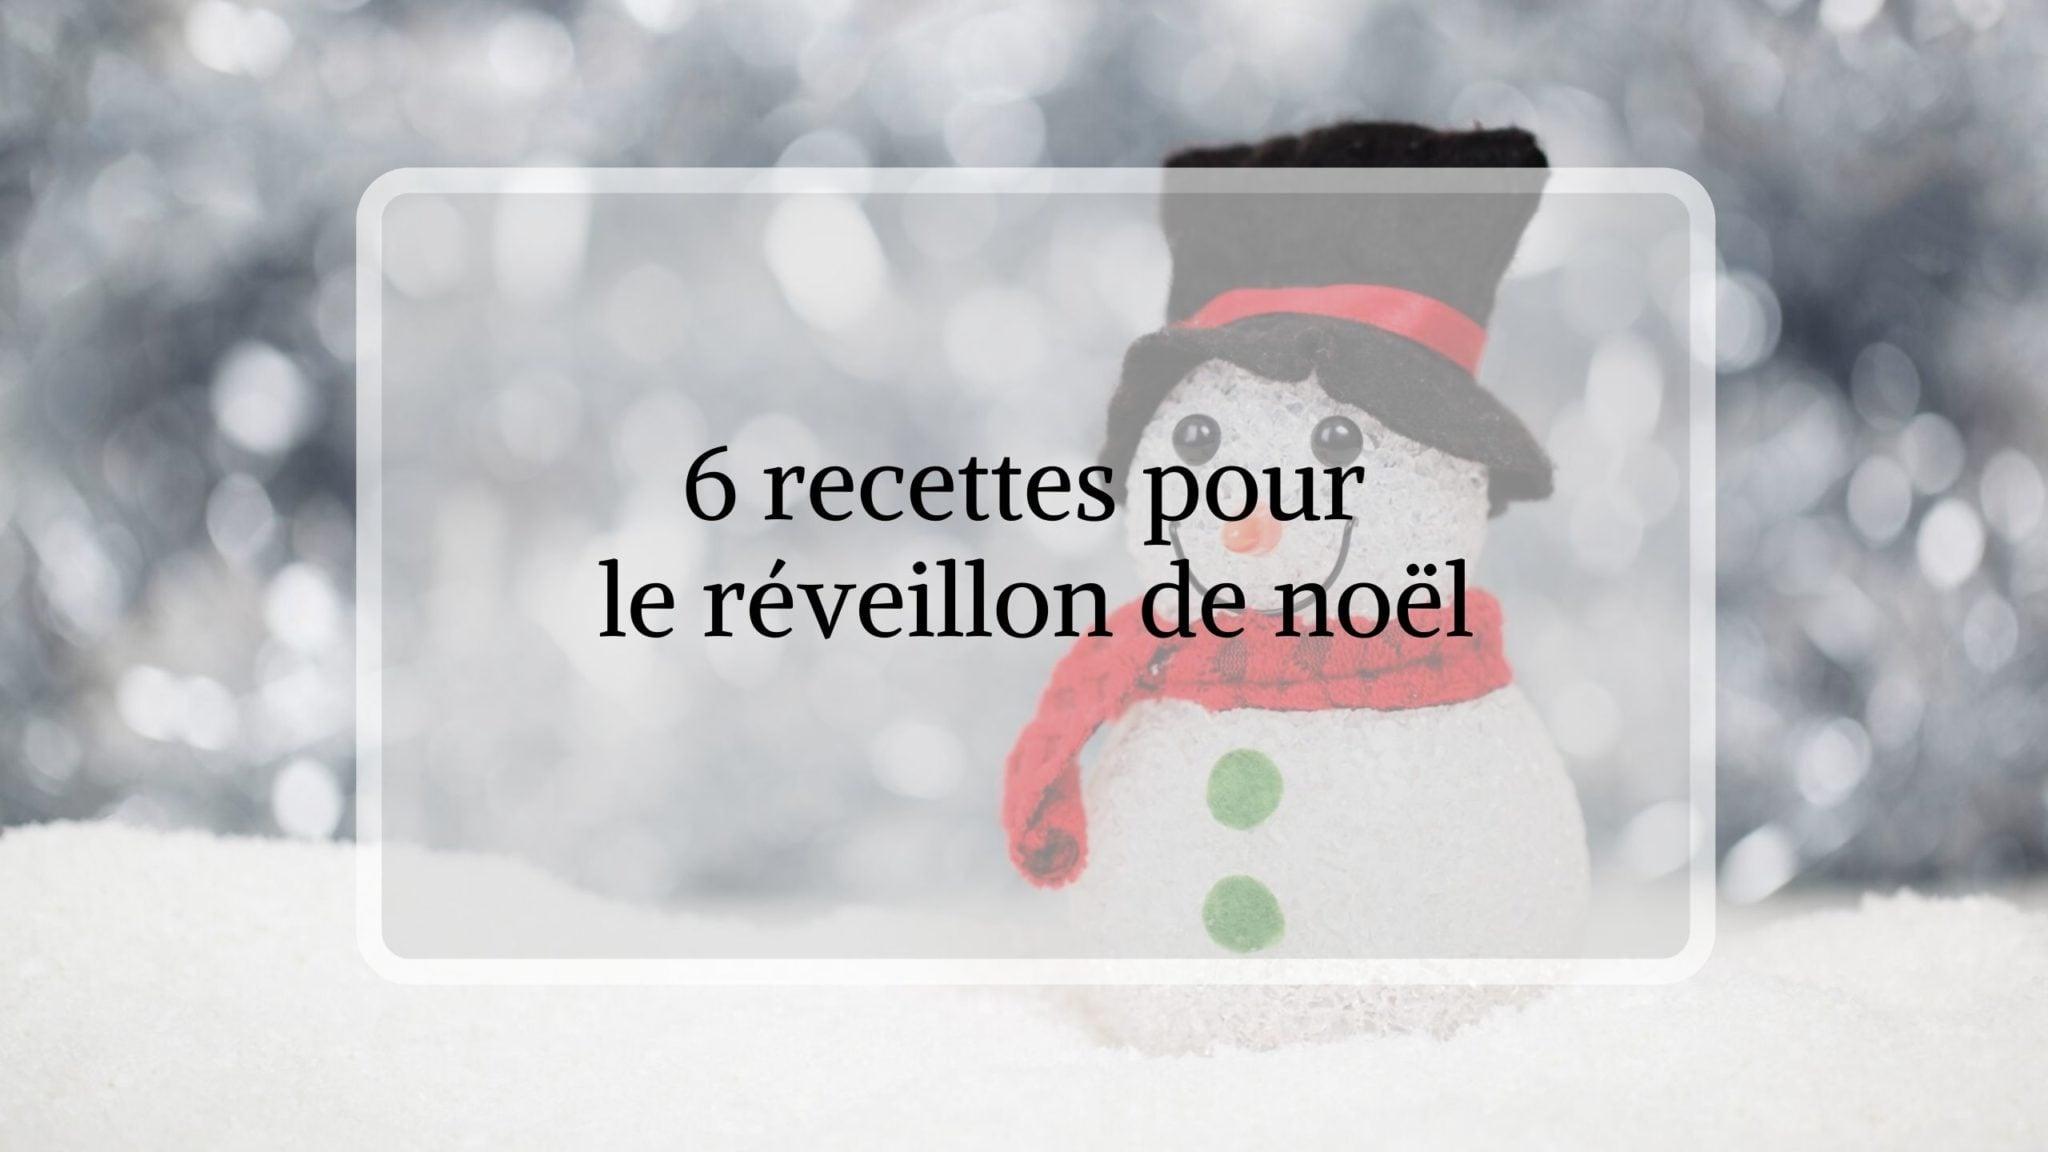 6 recettes pour noel